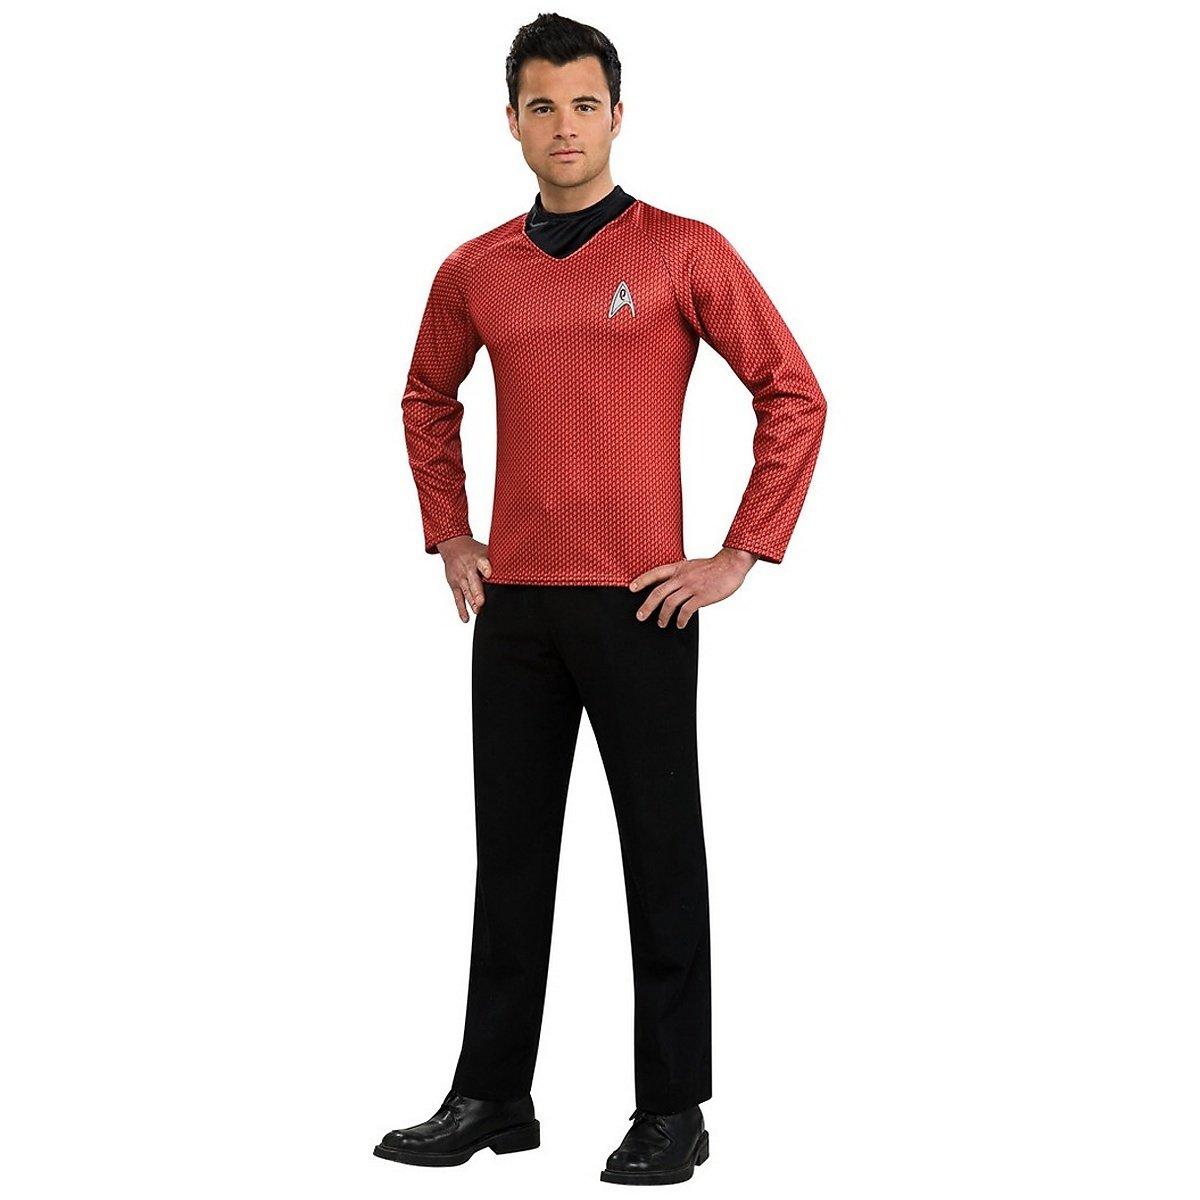 Rubies Star Trek Movie Shirt Costume